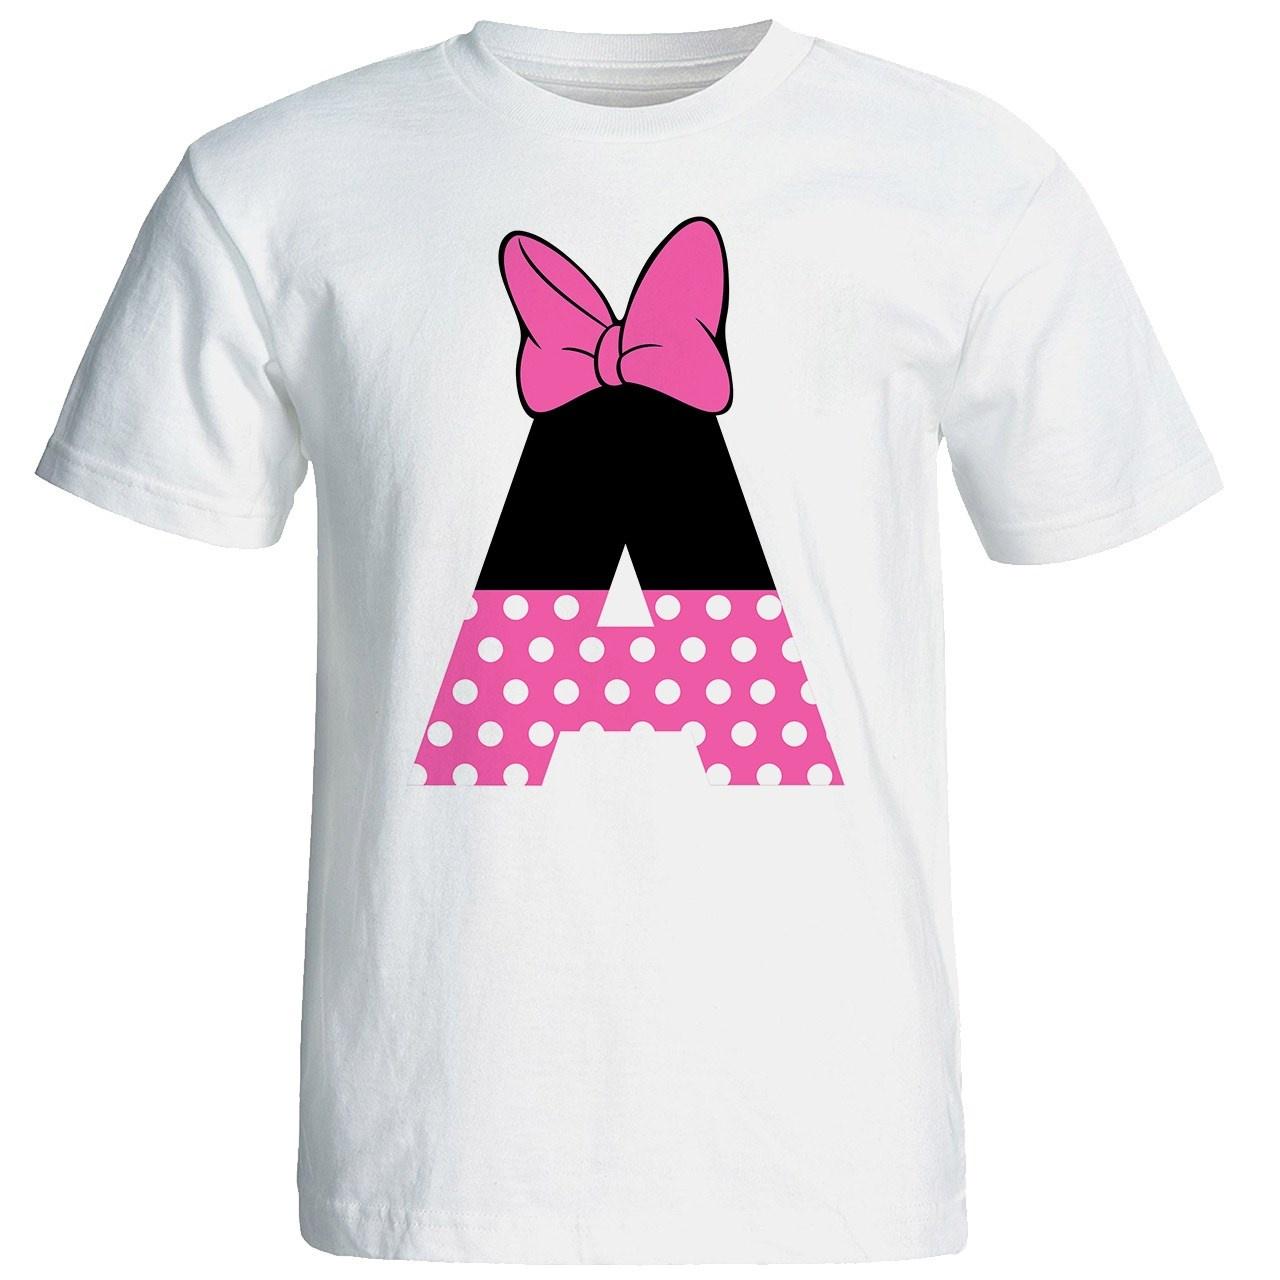 تی شرت آستین کوتاه نه شین دیزاین طرح میکی موس A کد 4537